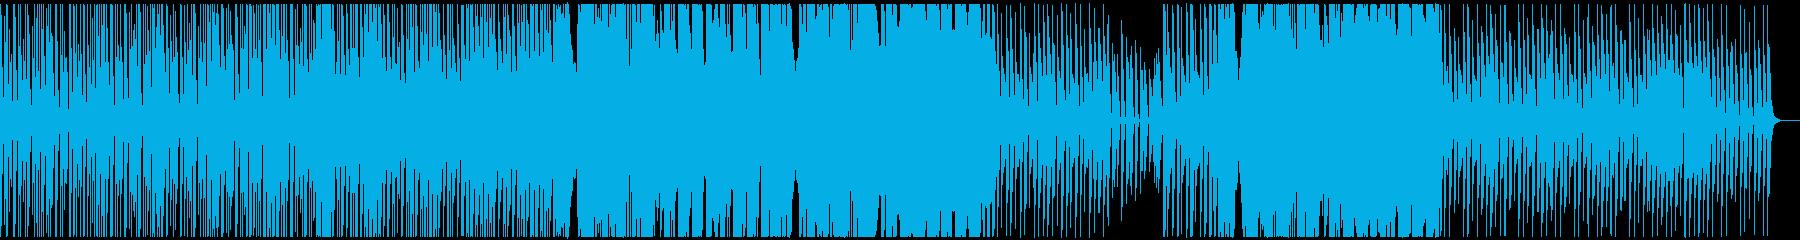 異国情緒の感じる神秘的な曲の再生済みの波形